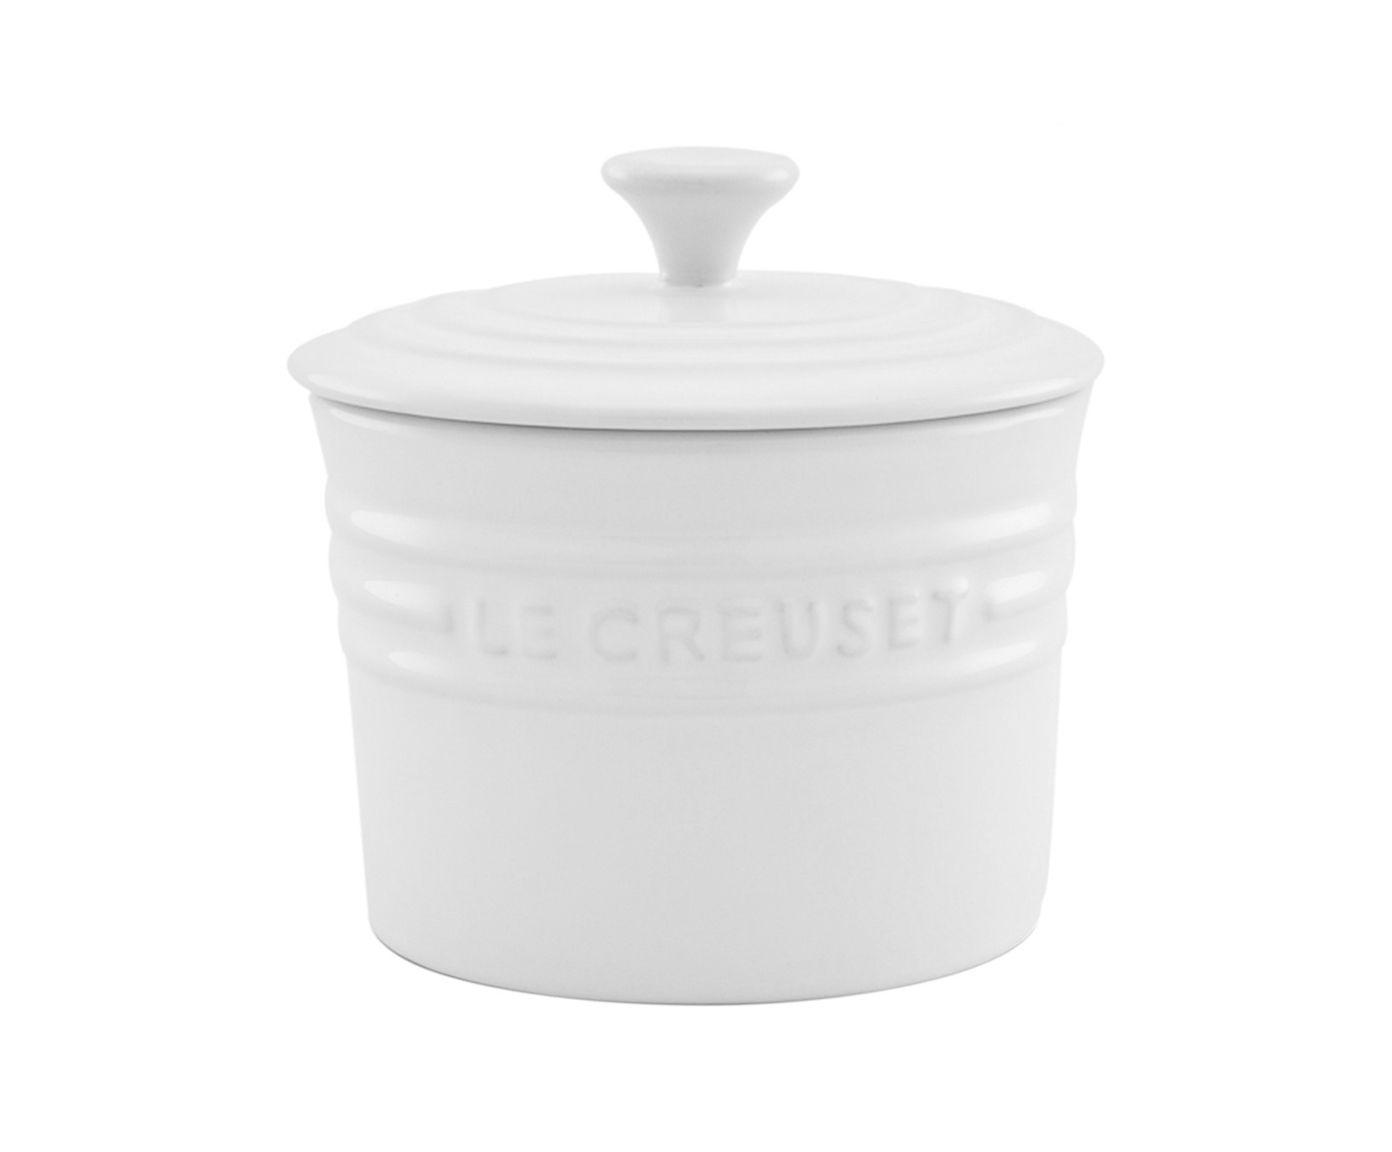 Pote para Condimentos Branco - 800ml   Westwing.com.br